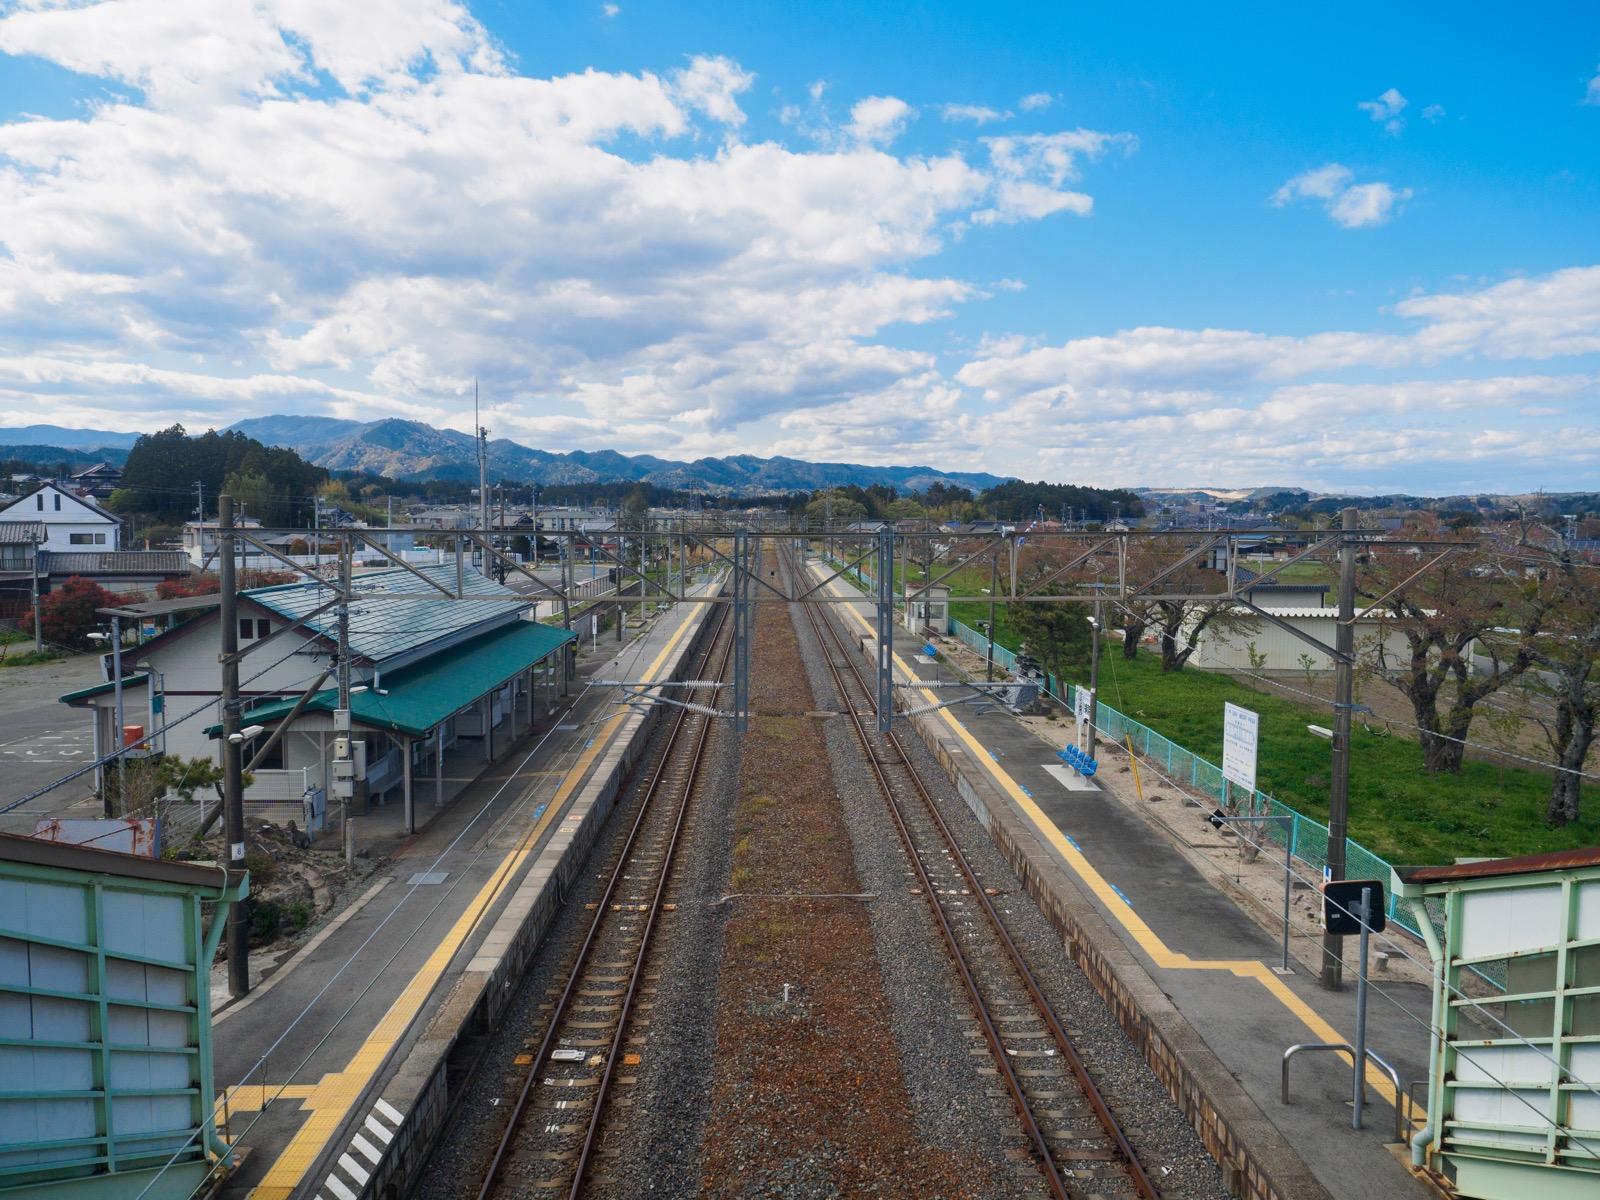 木戸駅の跨線橋からの眺め(2017年4月)